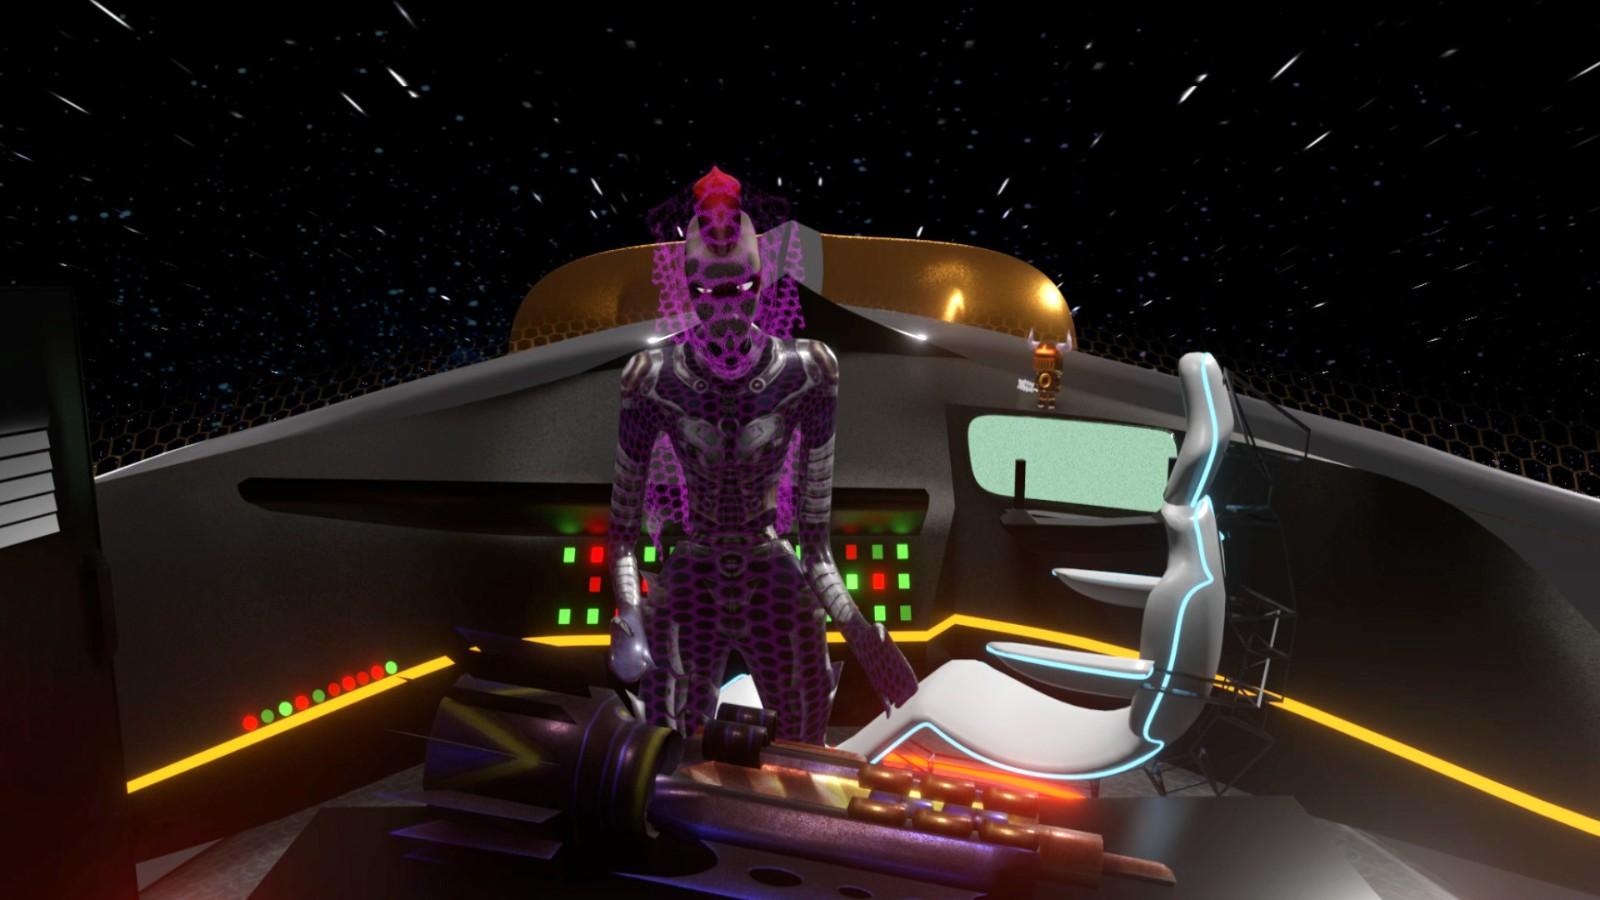 第三人称射击《Xenocider》公布 明年登陆全平台